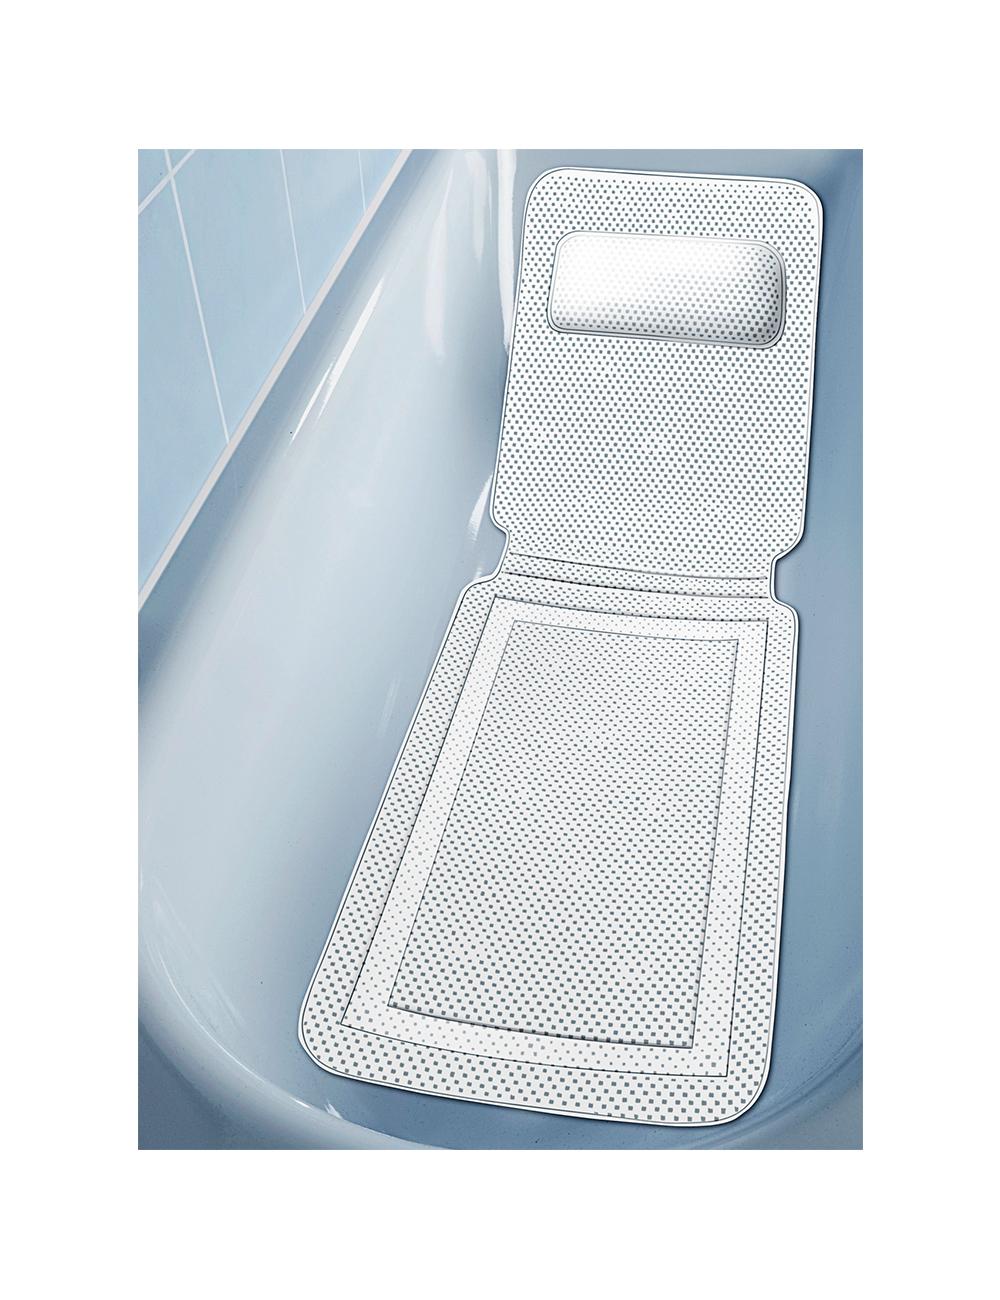 tapis de baignoire avec coussin nuque - Tapis Baignoire